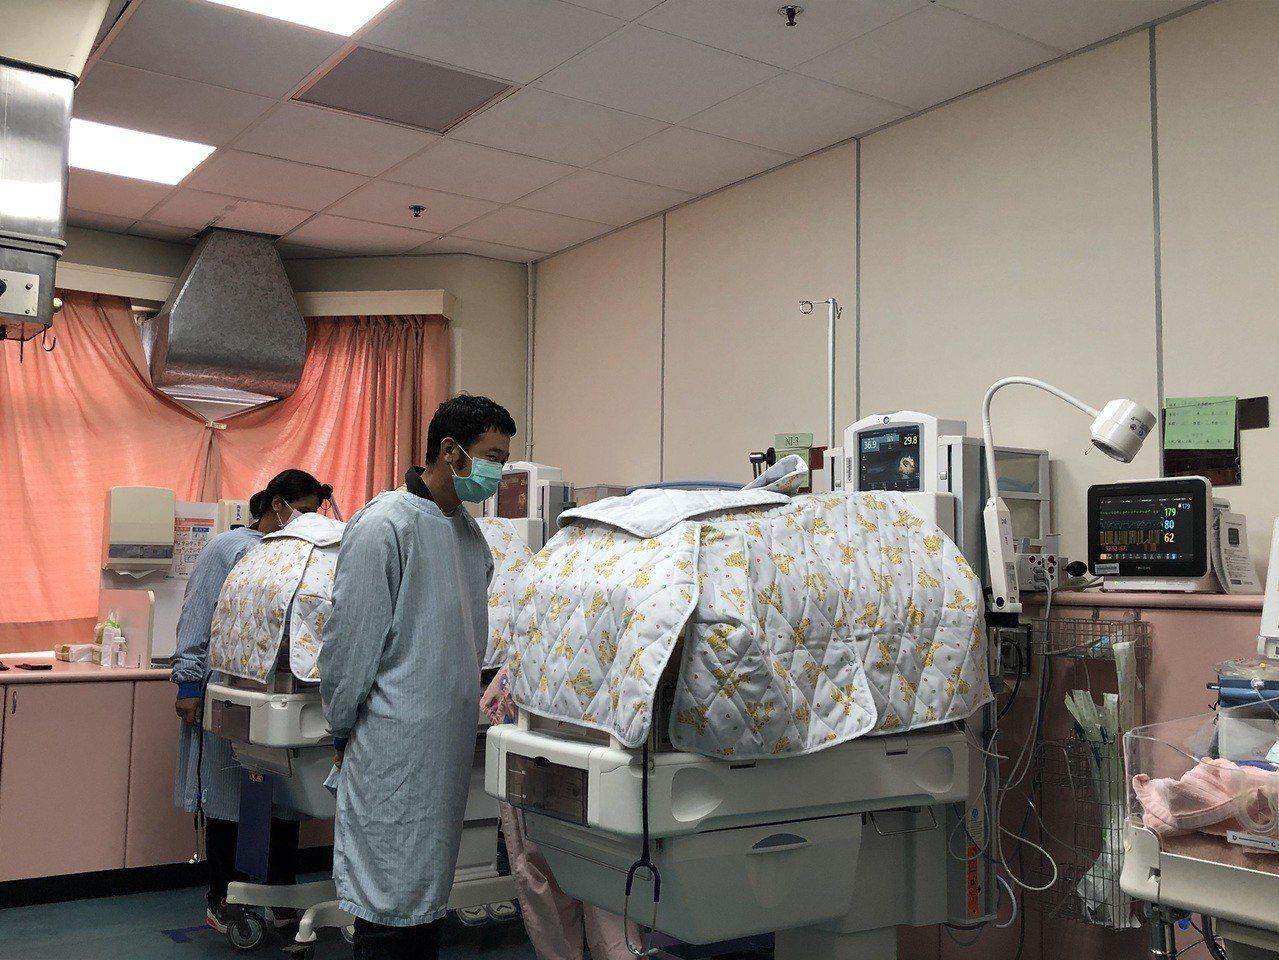 台大醫院雲林分院今年2月底一名李姓產婦懷孕僅27周卻急產誕下一對早產兒雙胞胎,須...